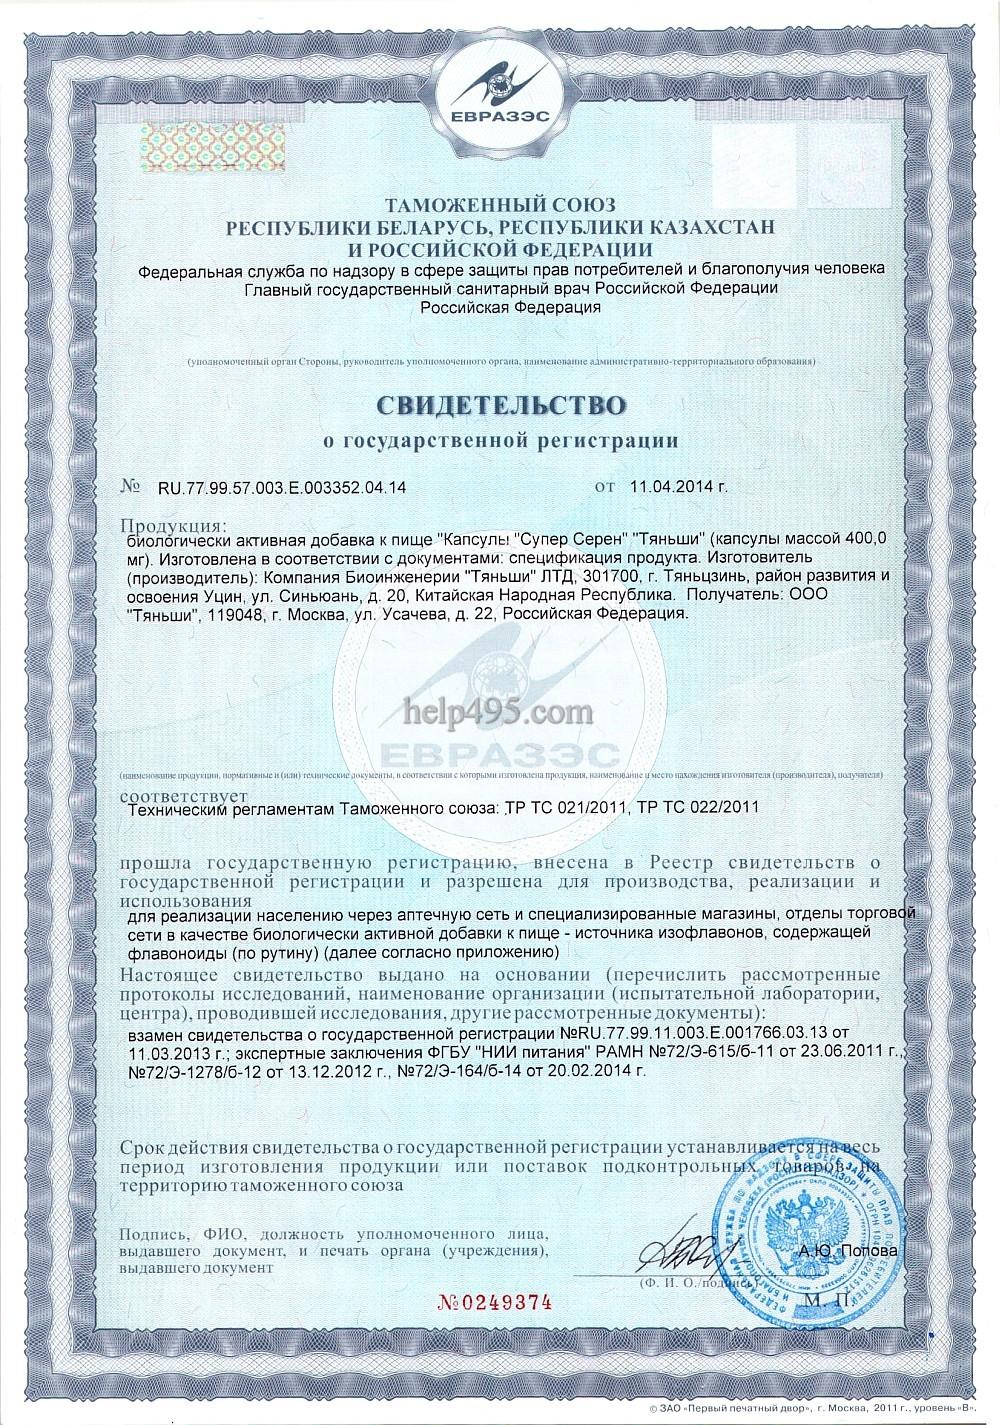 2-ая стр. сертификата препарата: Капсулы Супер Серен Тяньши